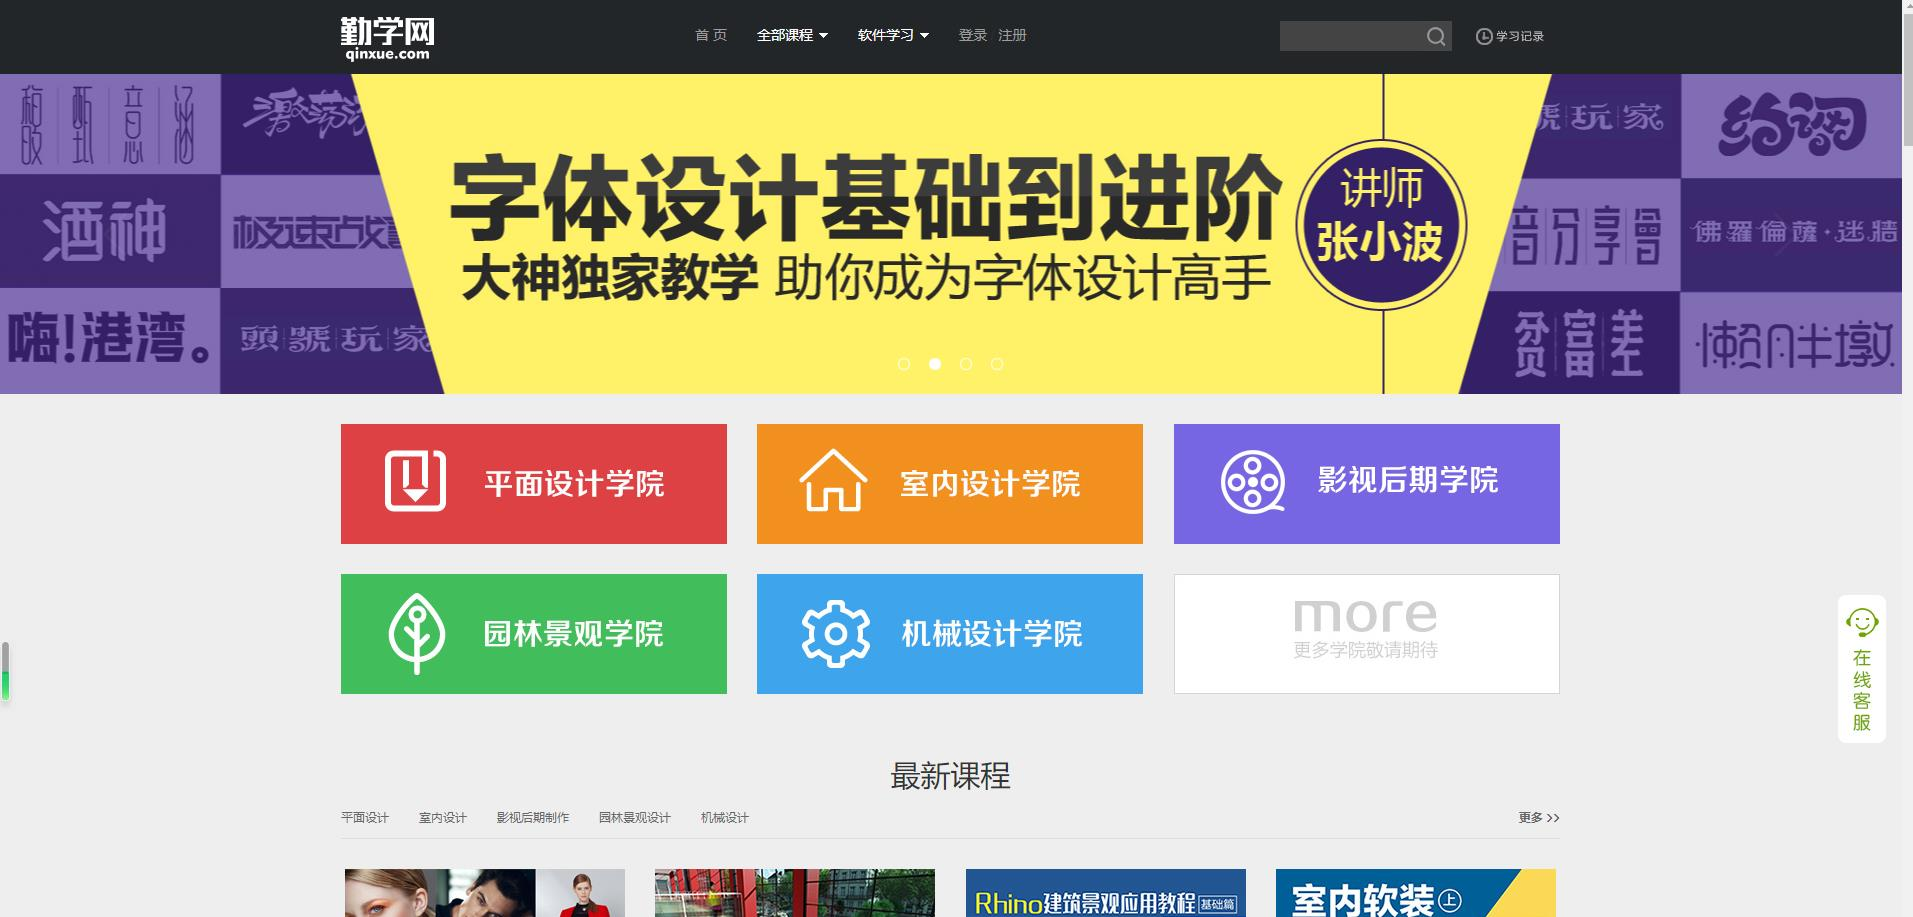 勤学网(qinxue)职业技能高效率在线自学平台